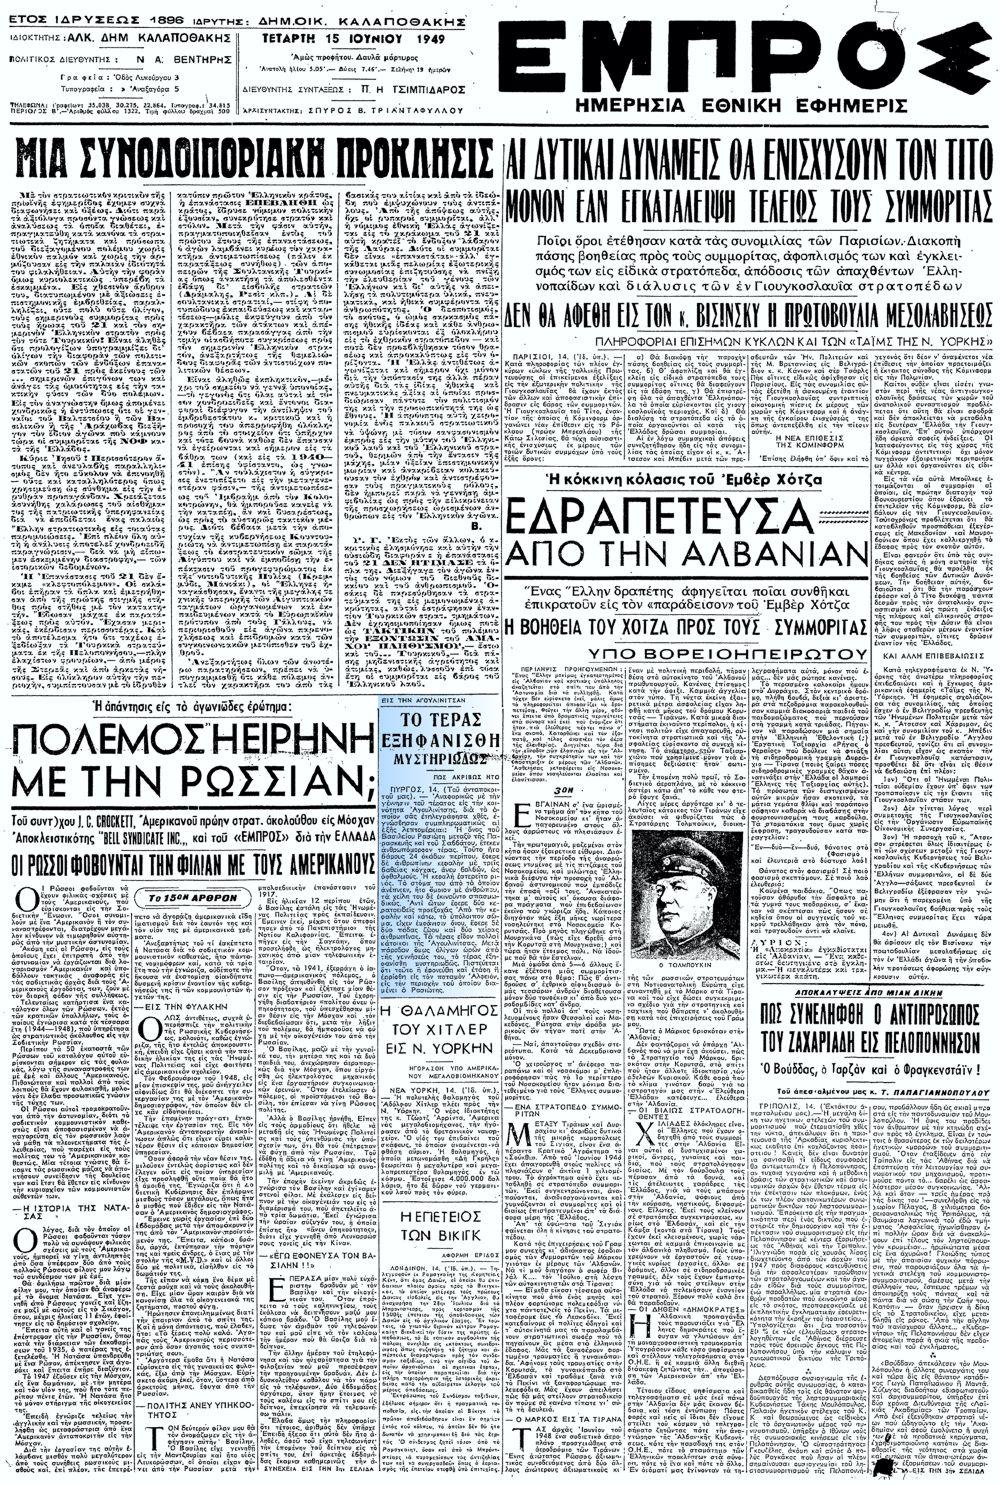 """Το άρθρο, όπως δημοσιεύθηκε στην εφημερίδα """"ΕΜΠΡΟΣ"""", στις 15/06/1949"""